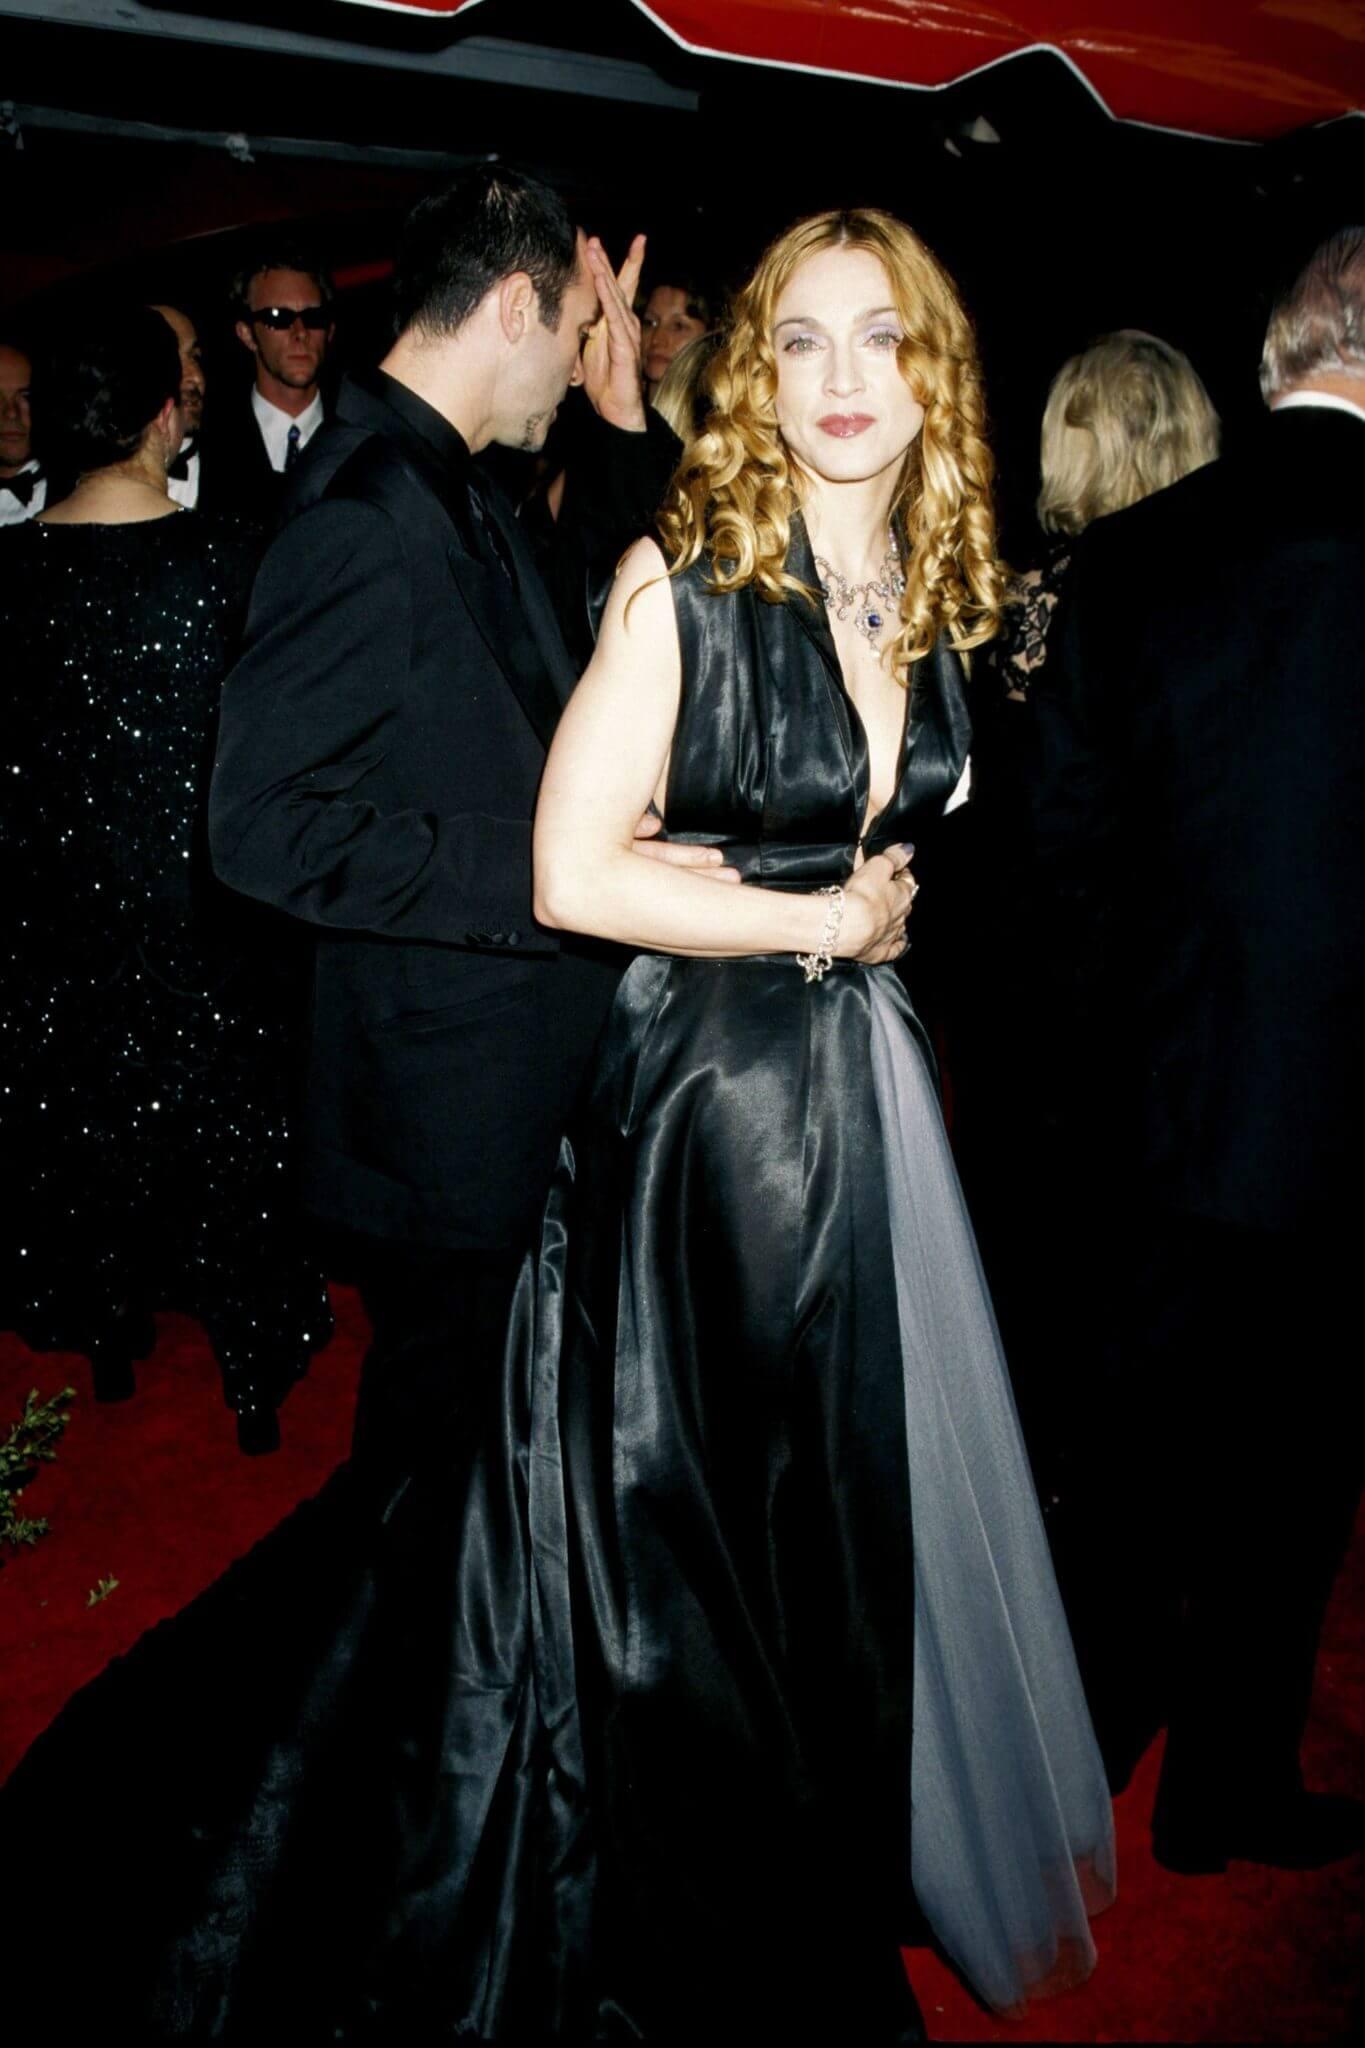 Madonna en los Academy Awards de 1998. Fotografía: Getty Images